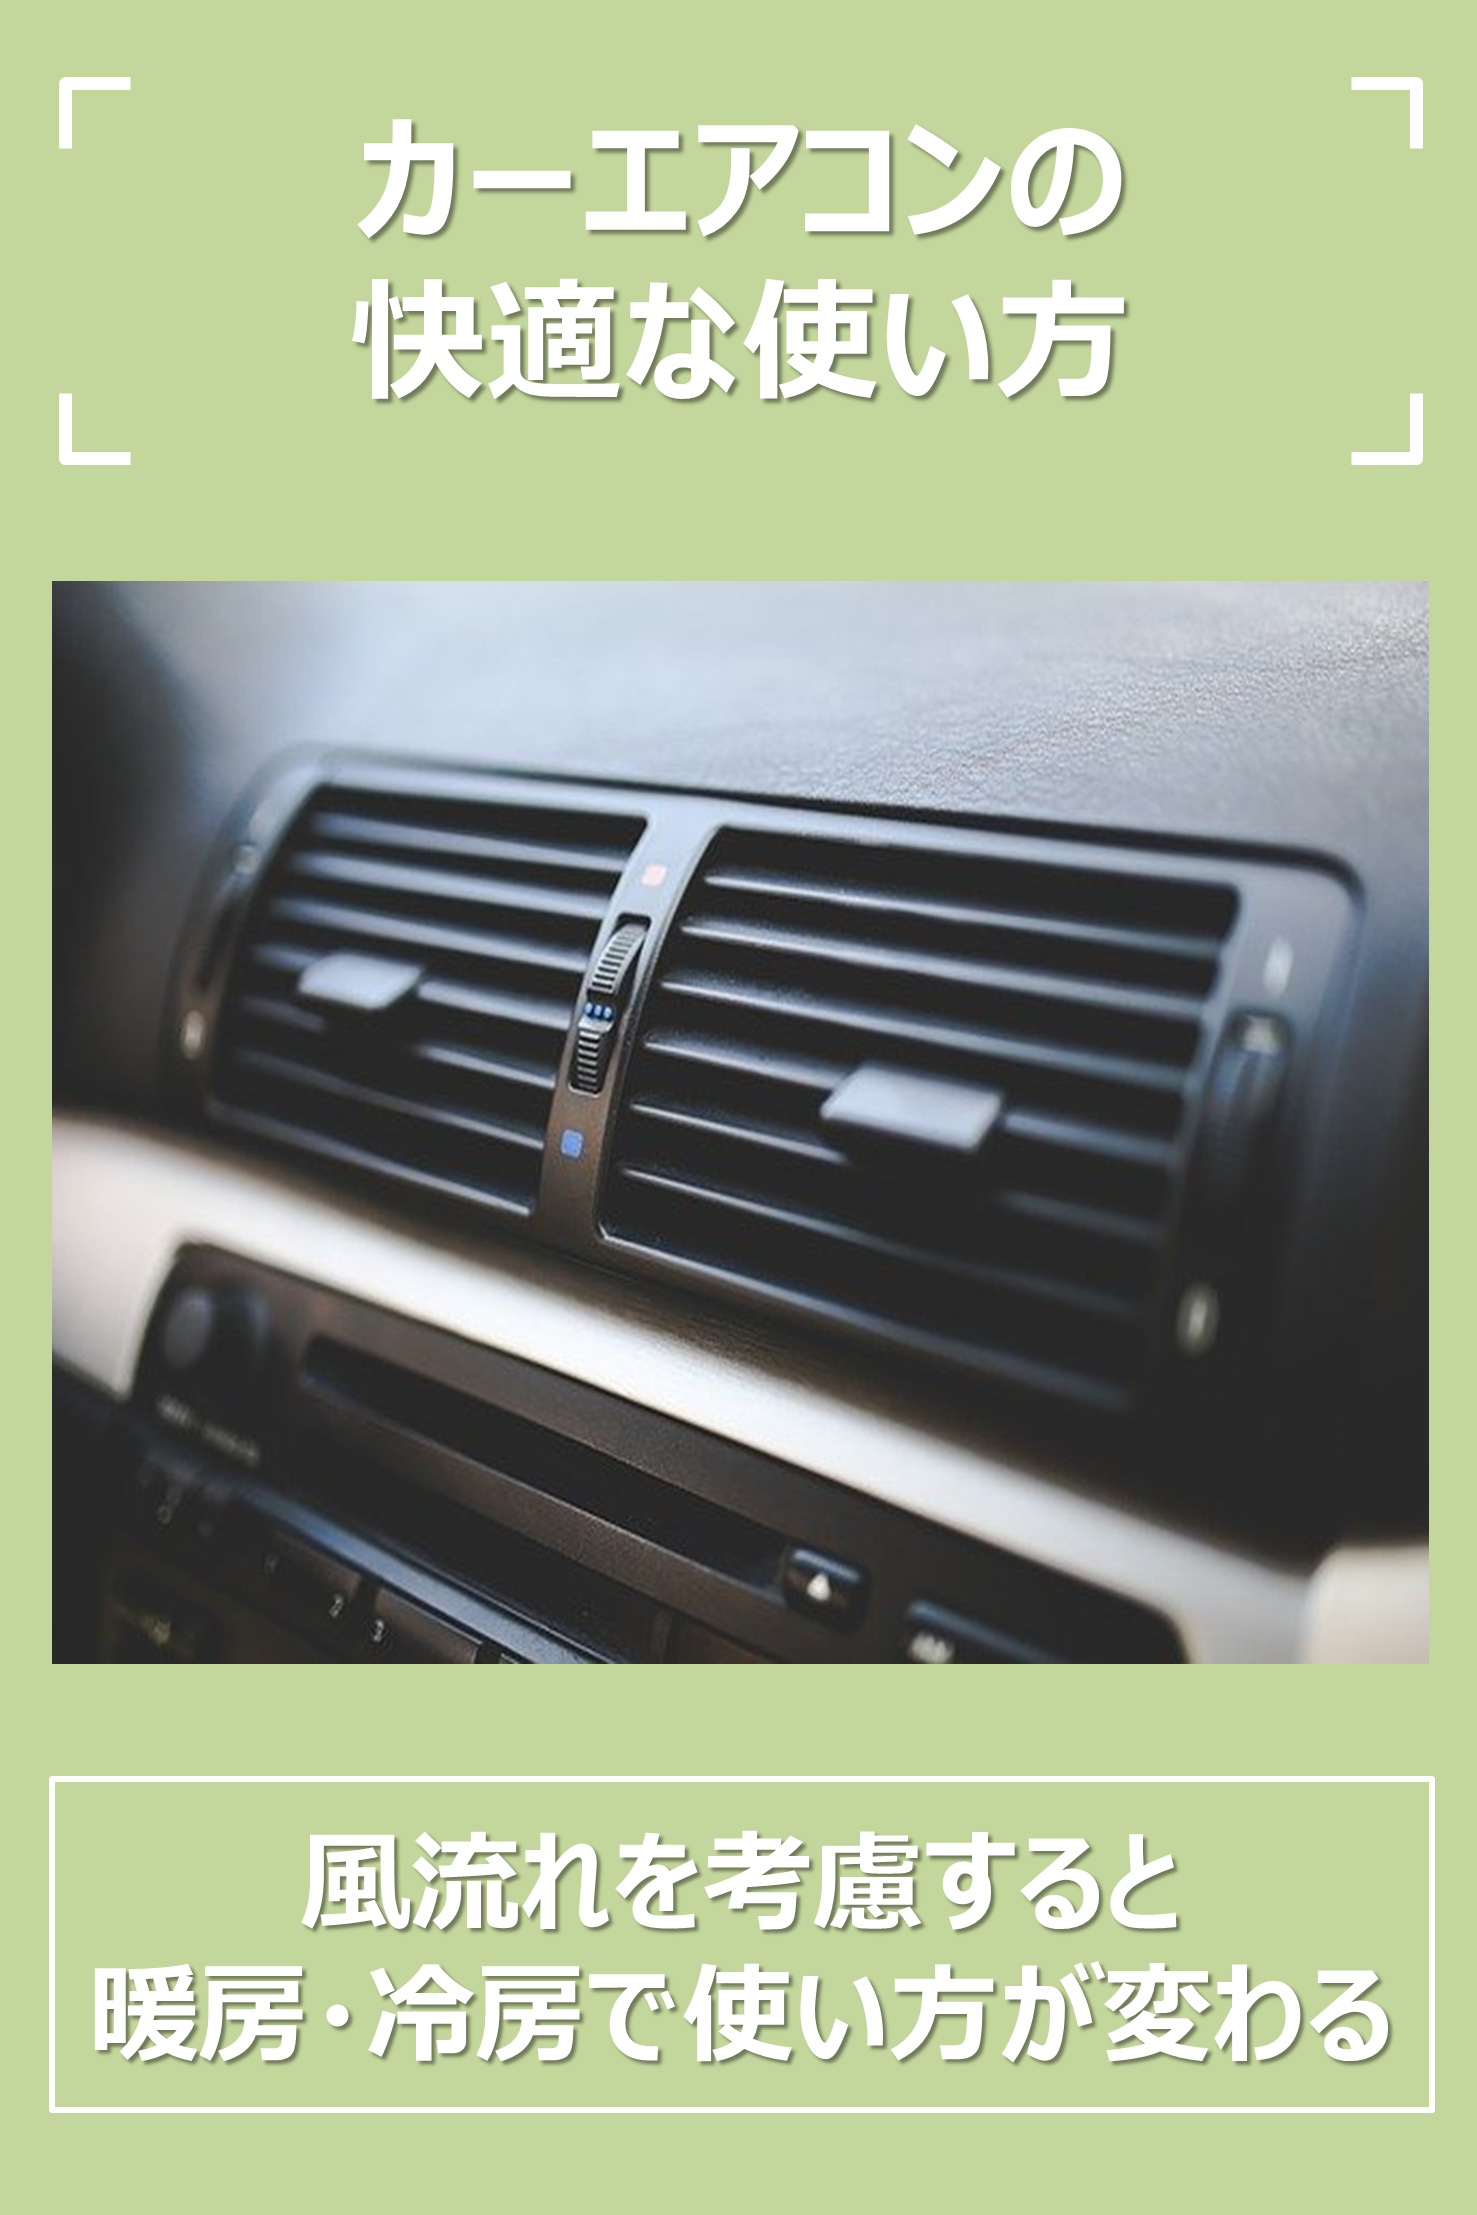 カーエアコンの快適な使い方 車 洗車 内気 循環